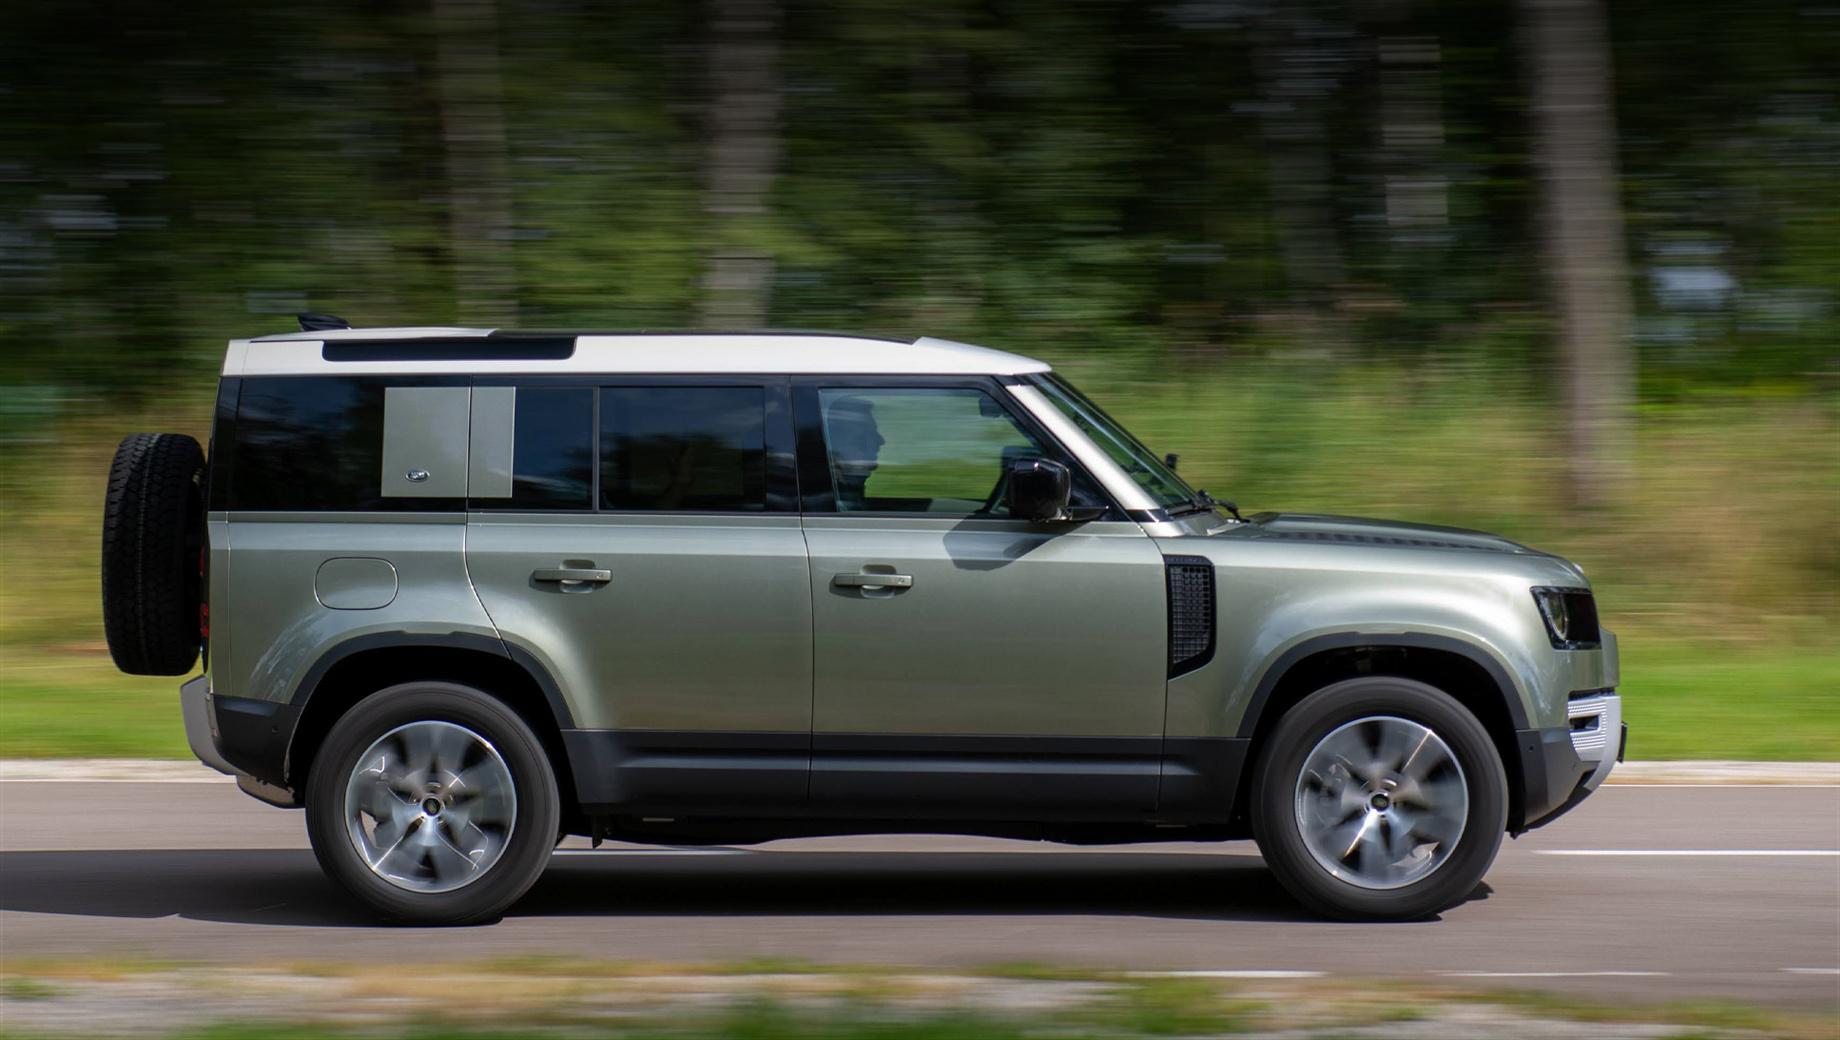 Тест-драйв или покатушки без сравнения, на Land Rover Defender 110 Видео